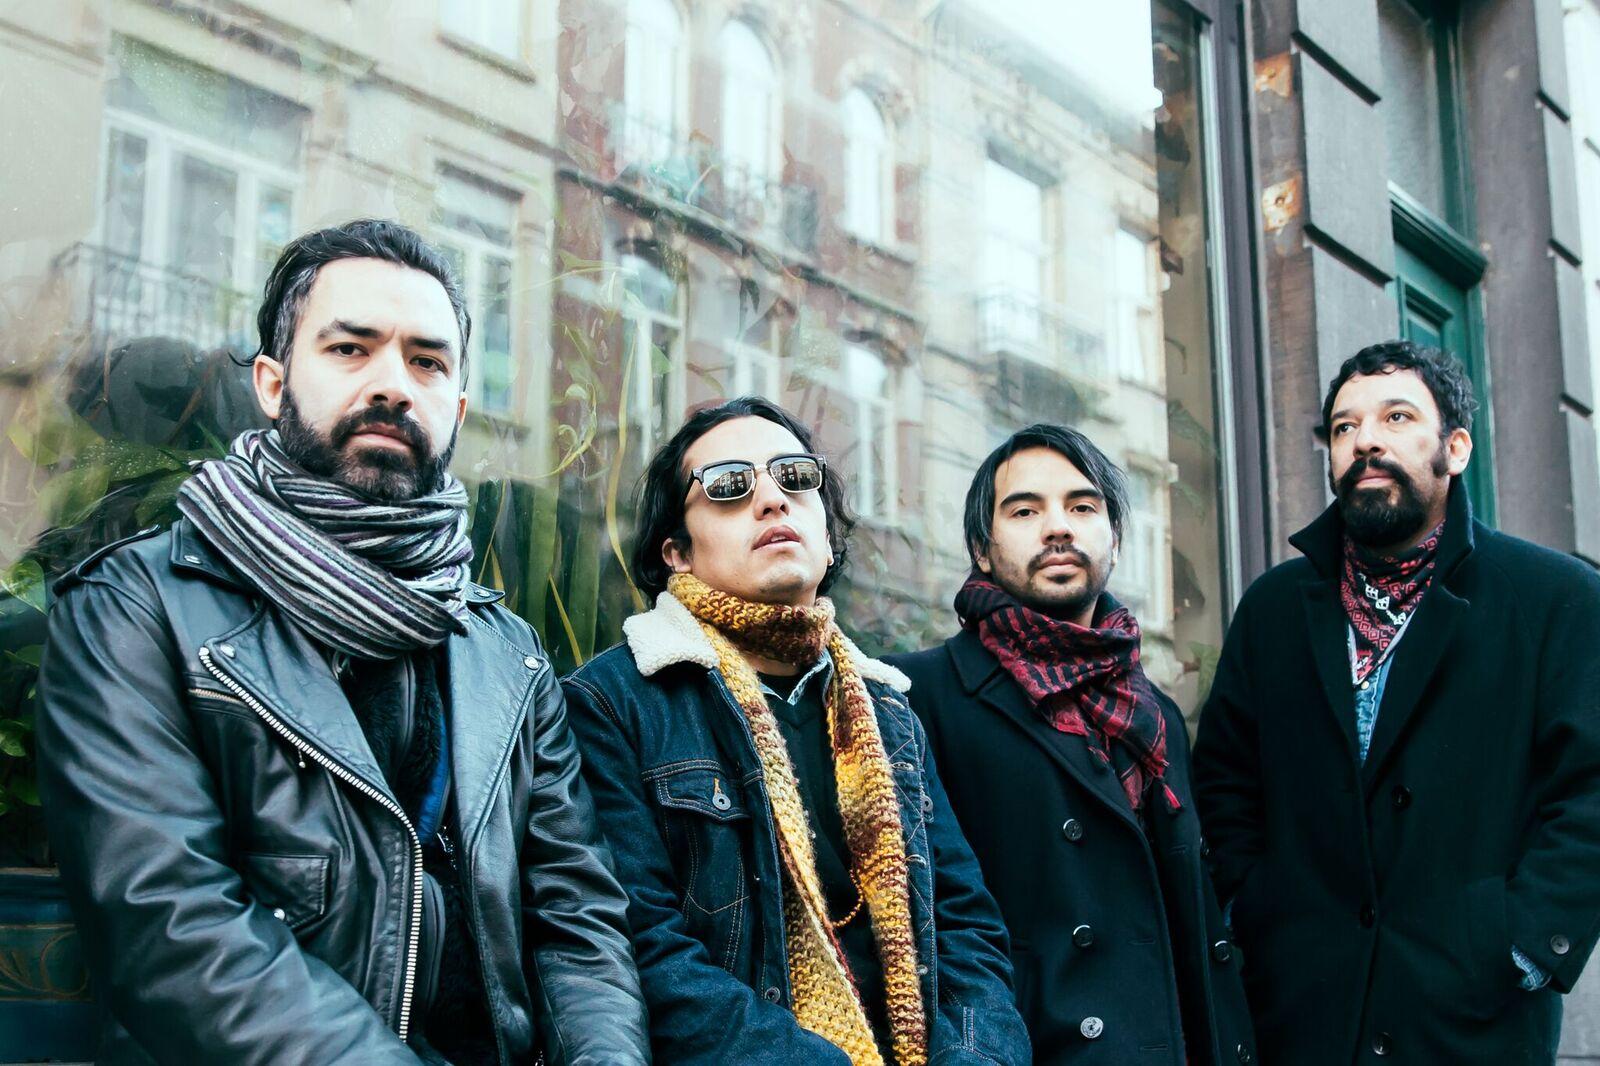 Una entrevista con Centavrvs de salsa, el Apocalipsis y su nueva música